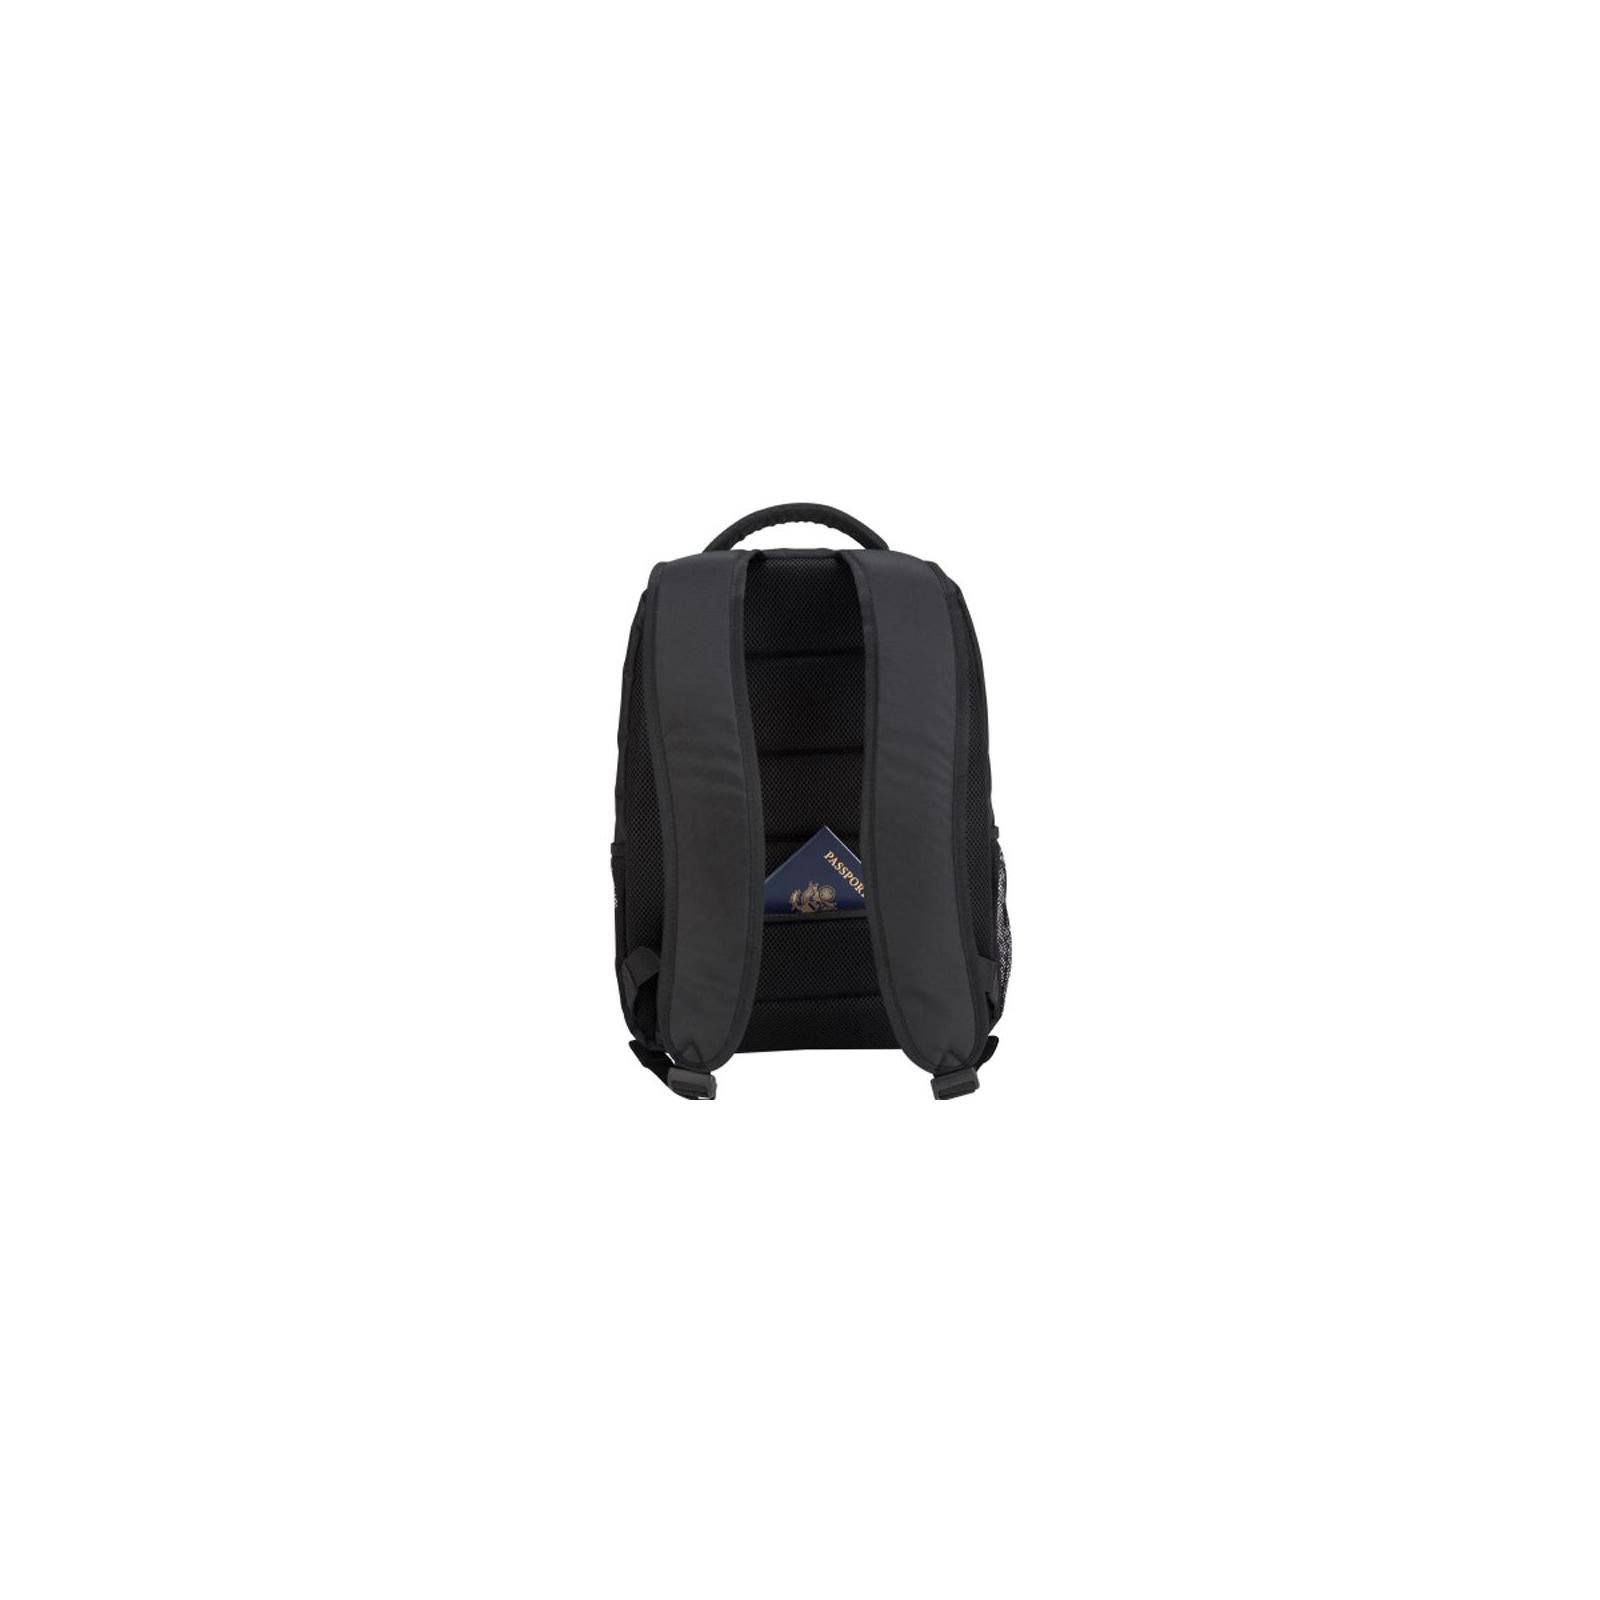 Рюкзак для ноутбука Lenovo 15 ThinkPad Essential BackPack (4X40E77329) изображение 2